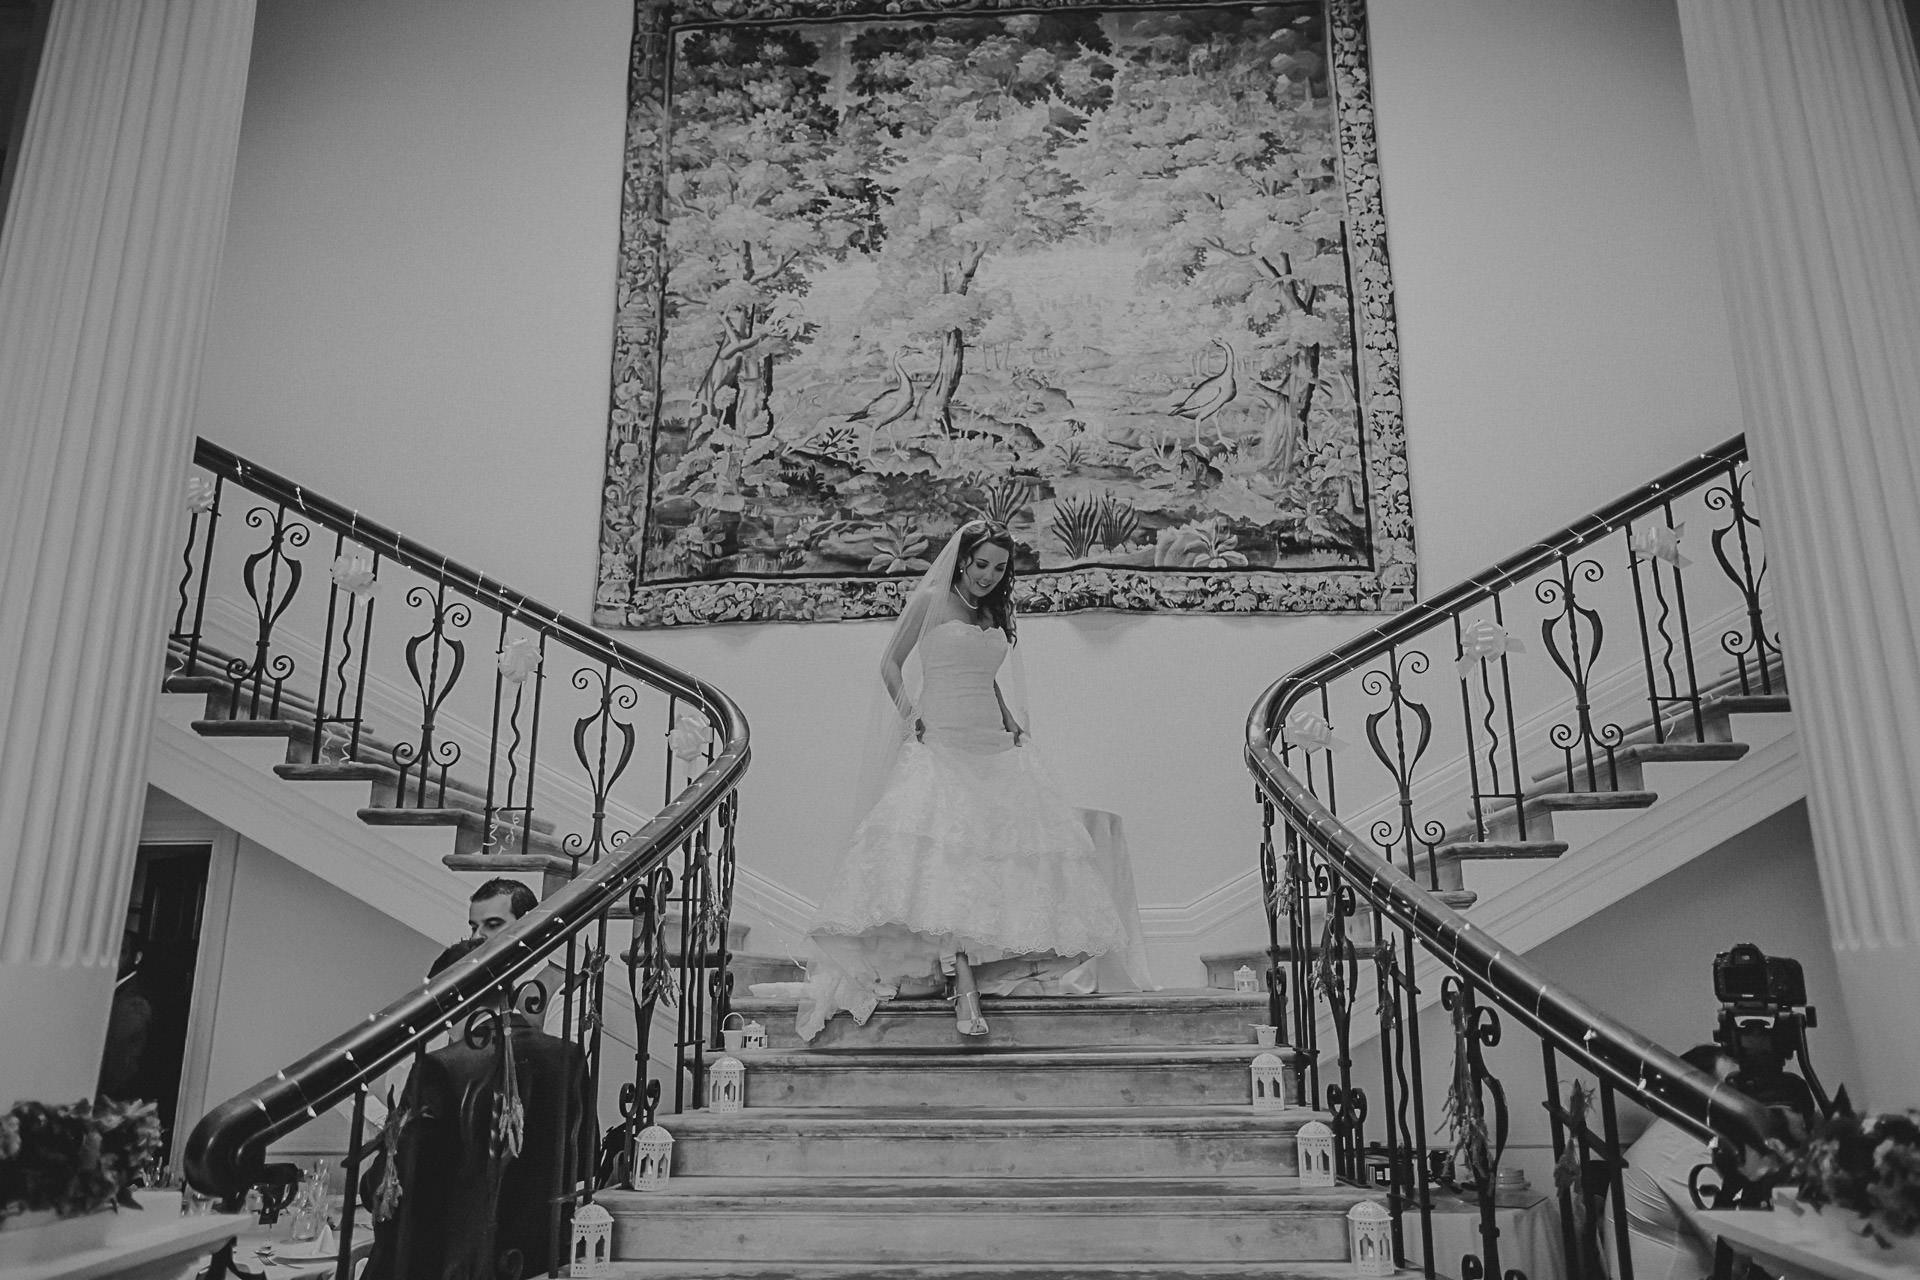 Scorrier House wedding photographer Dan Ward